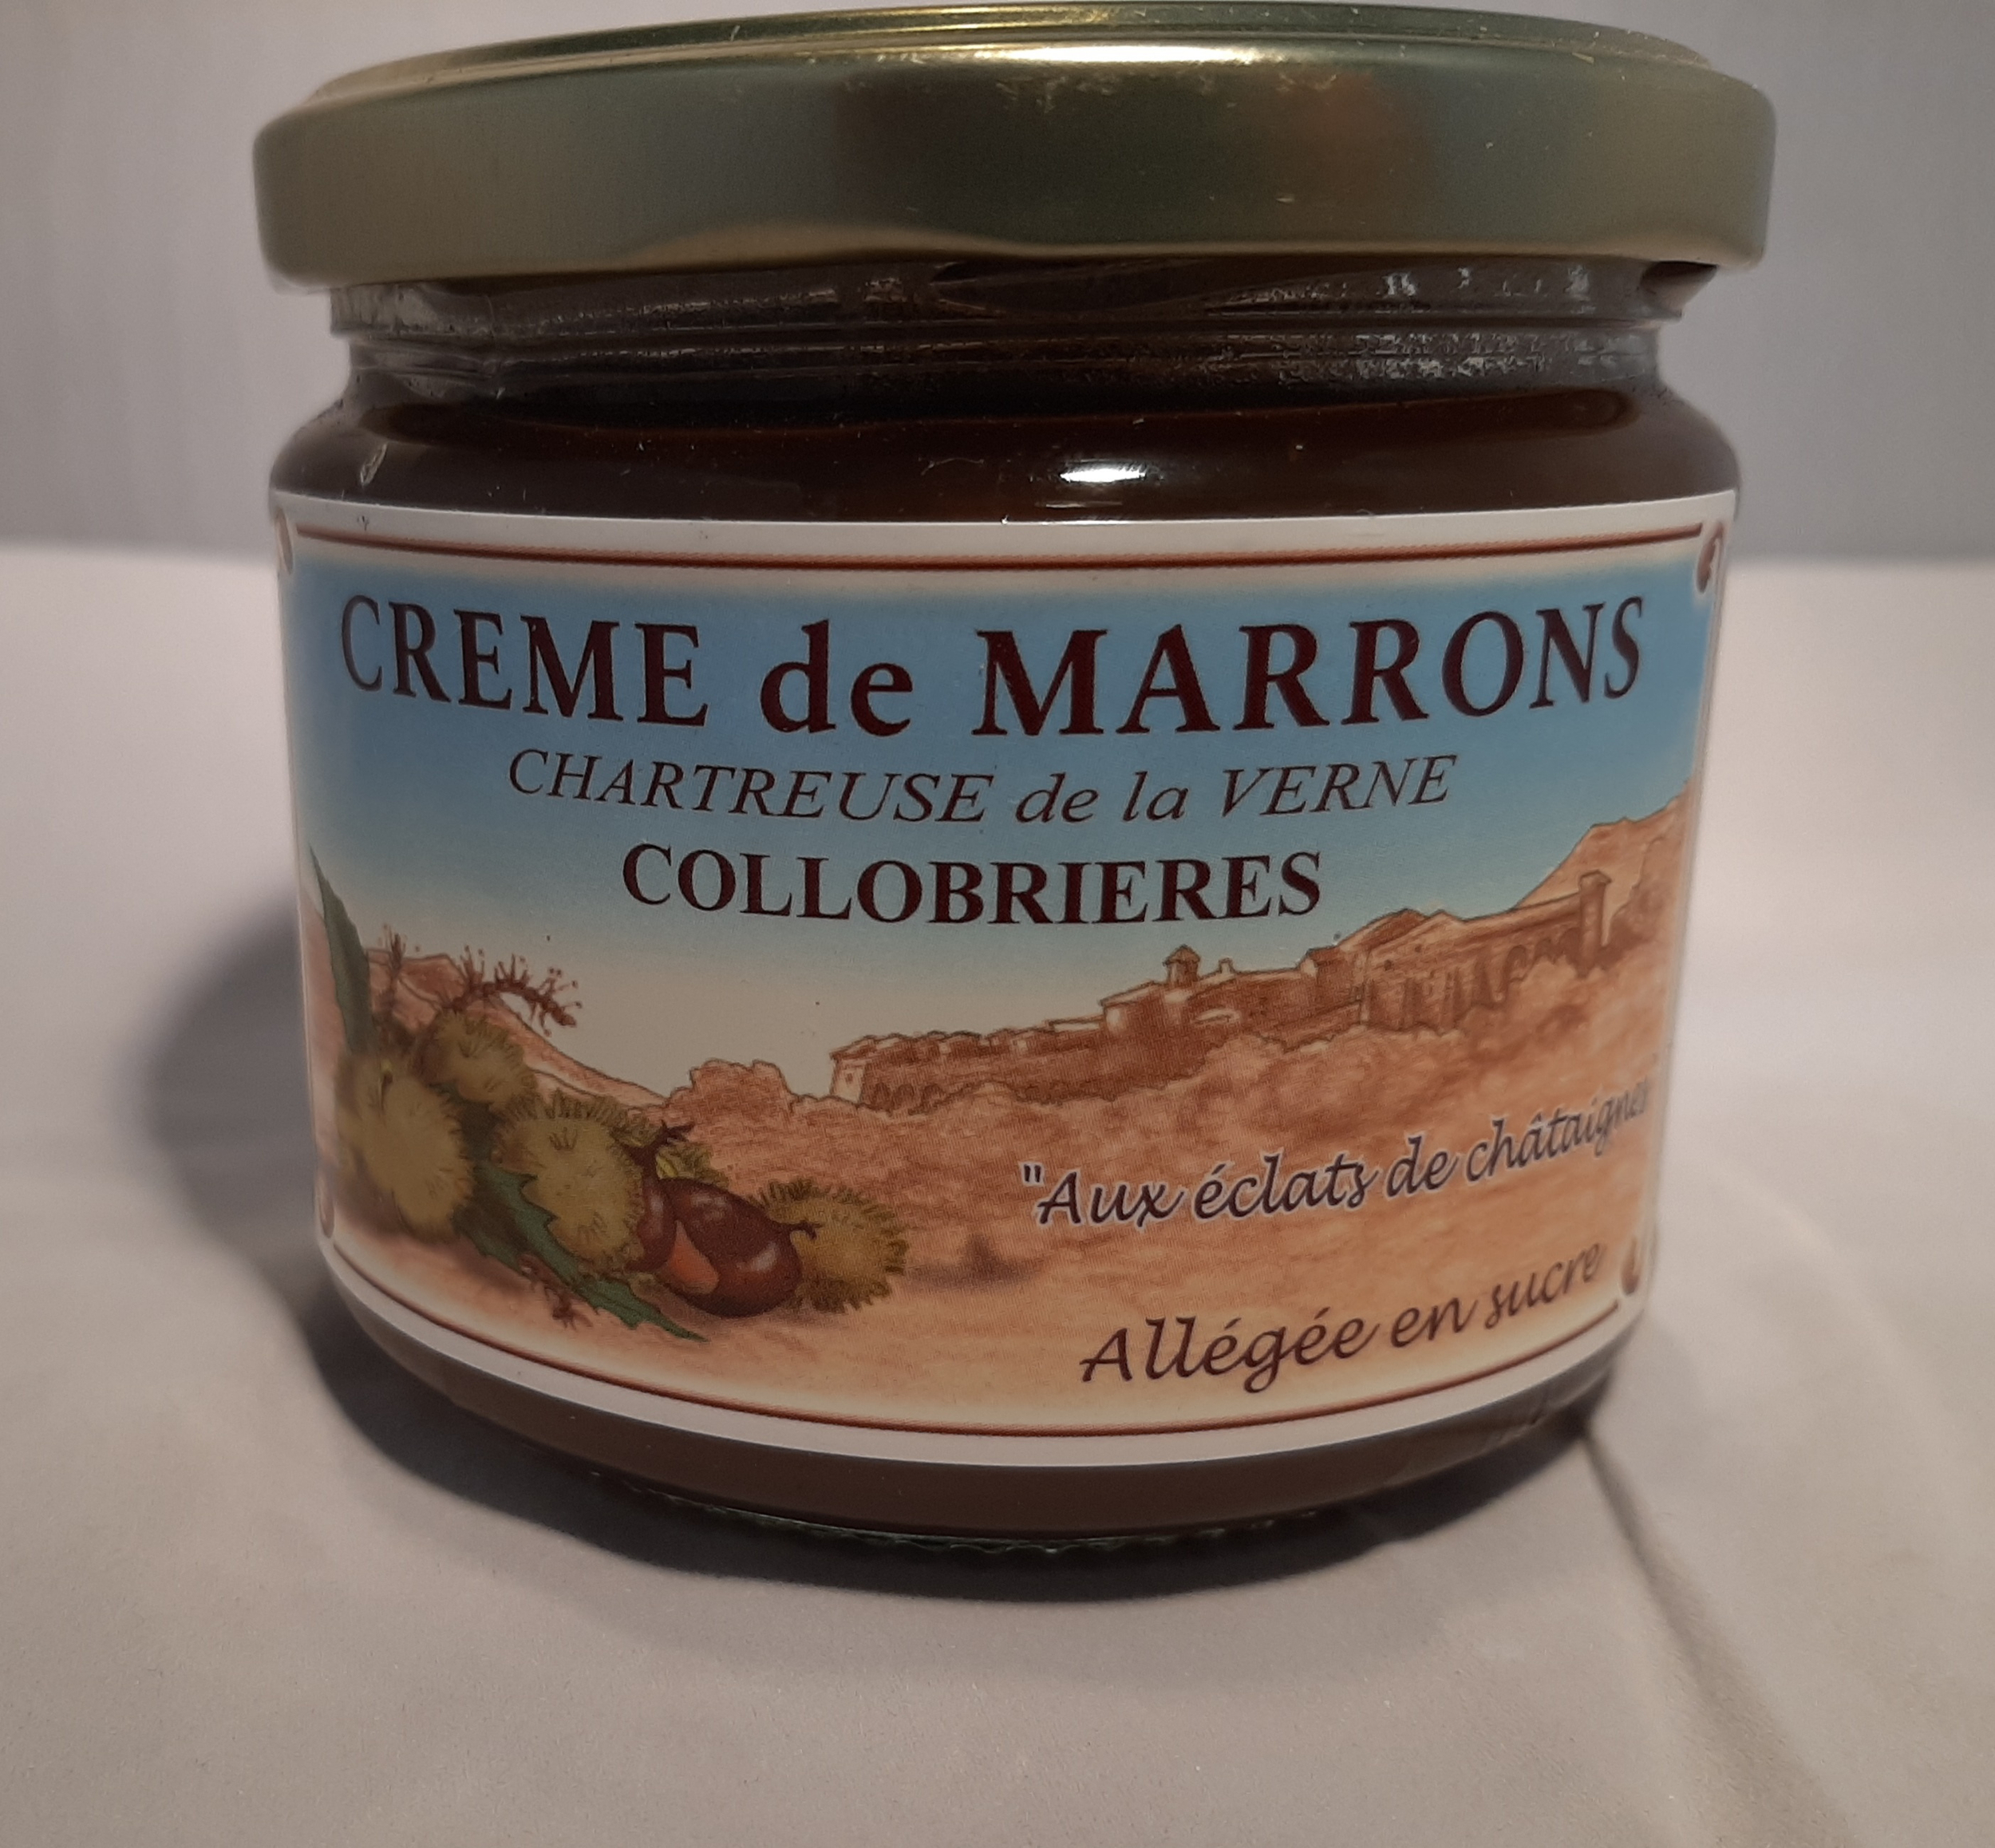 Crème de marrons - Collobrières - 350 gr